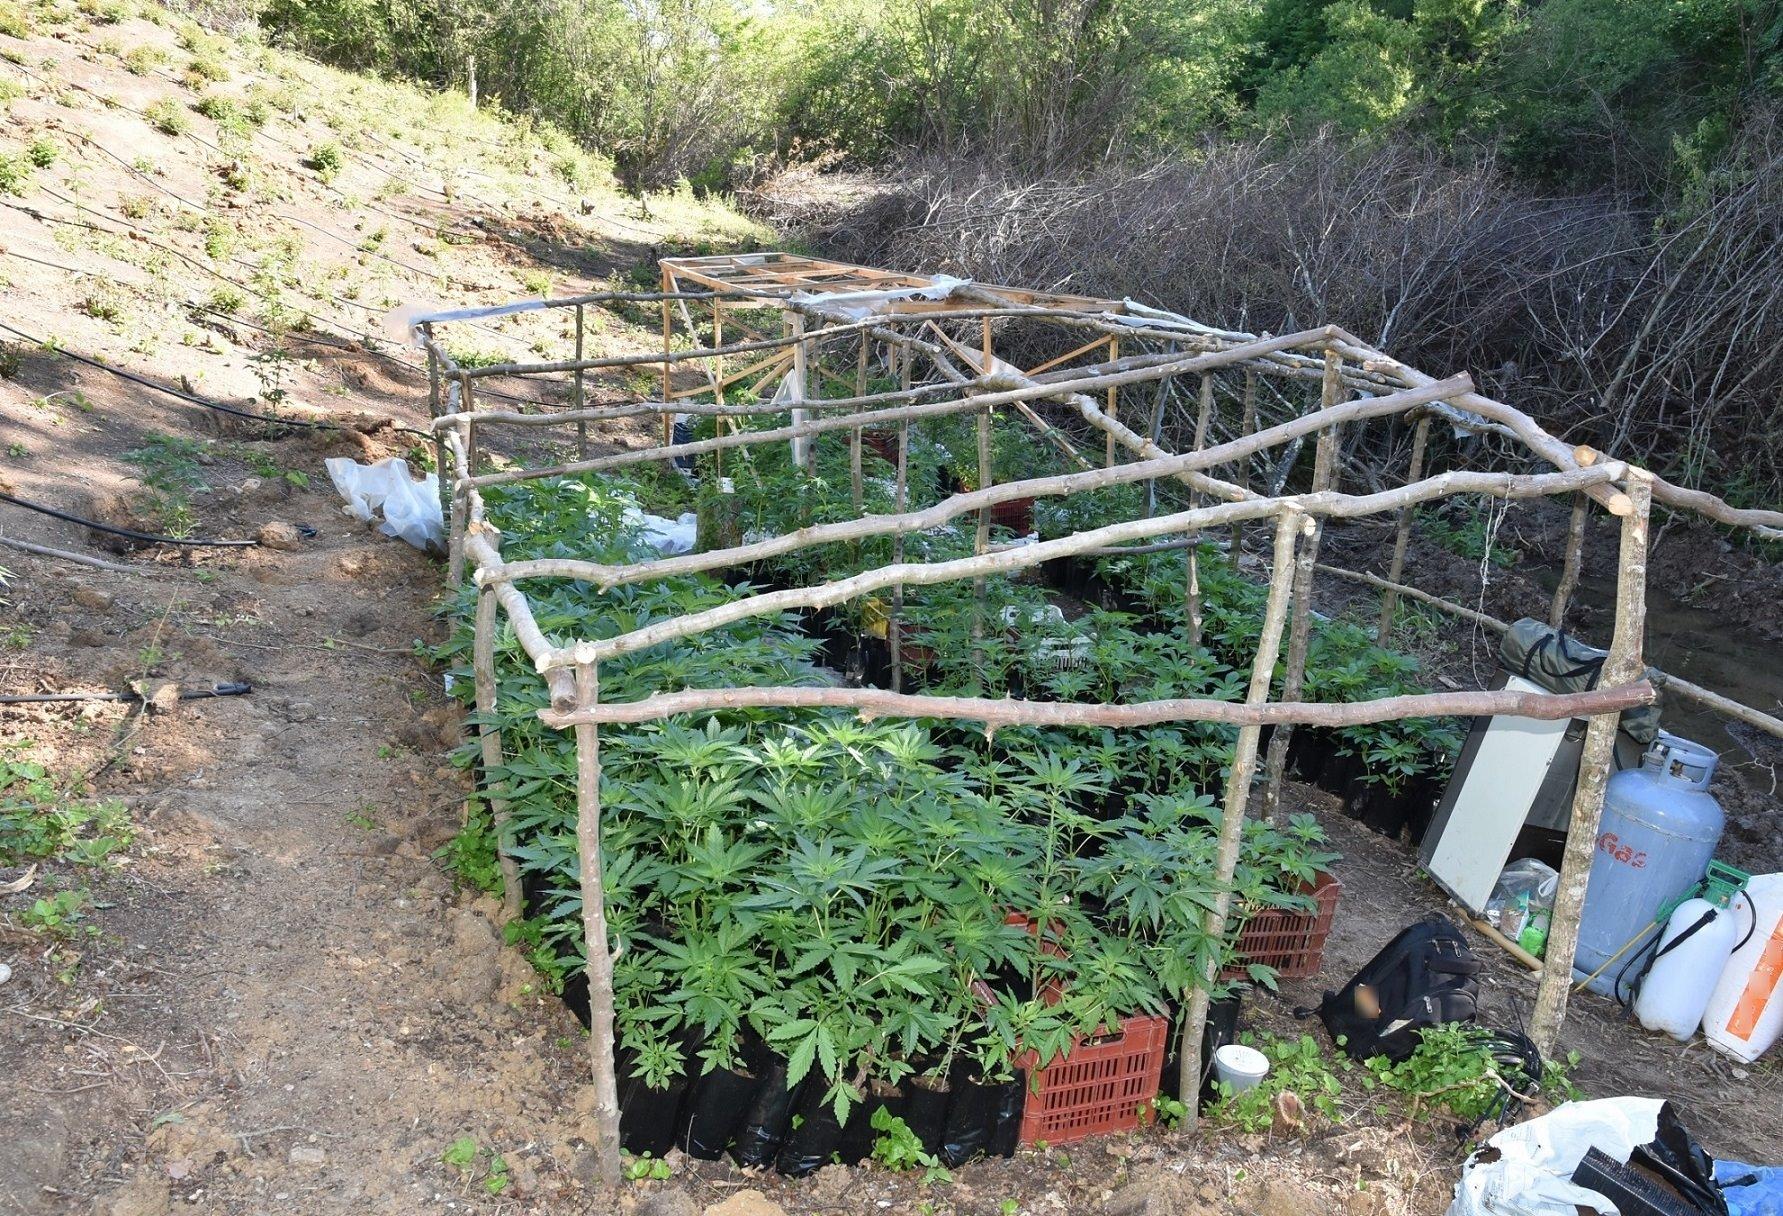 Κιλκίς: Εντοπίστηκε φυτεία με πάνω από 1.400 δενδρύλλια χασίς